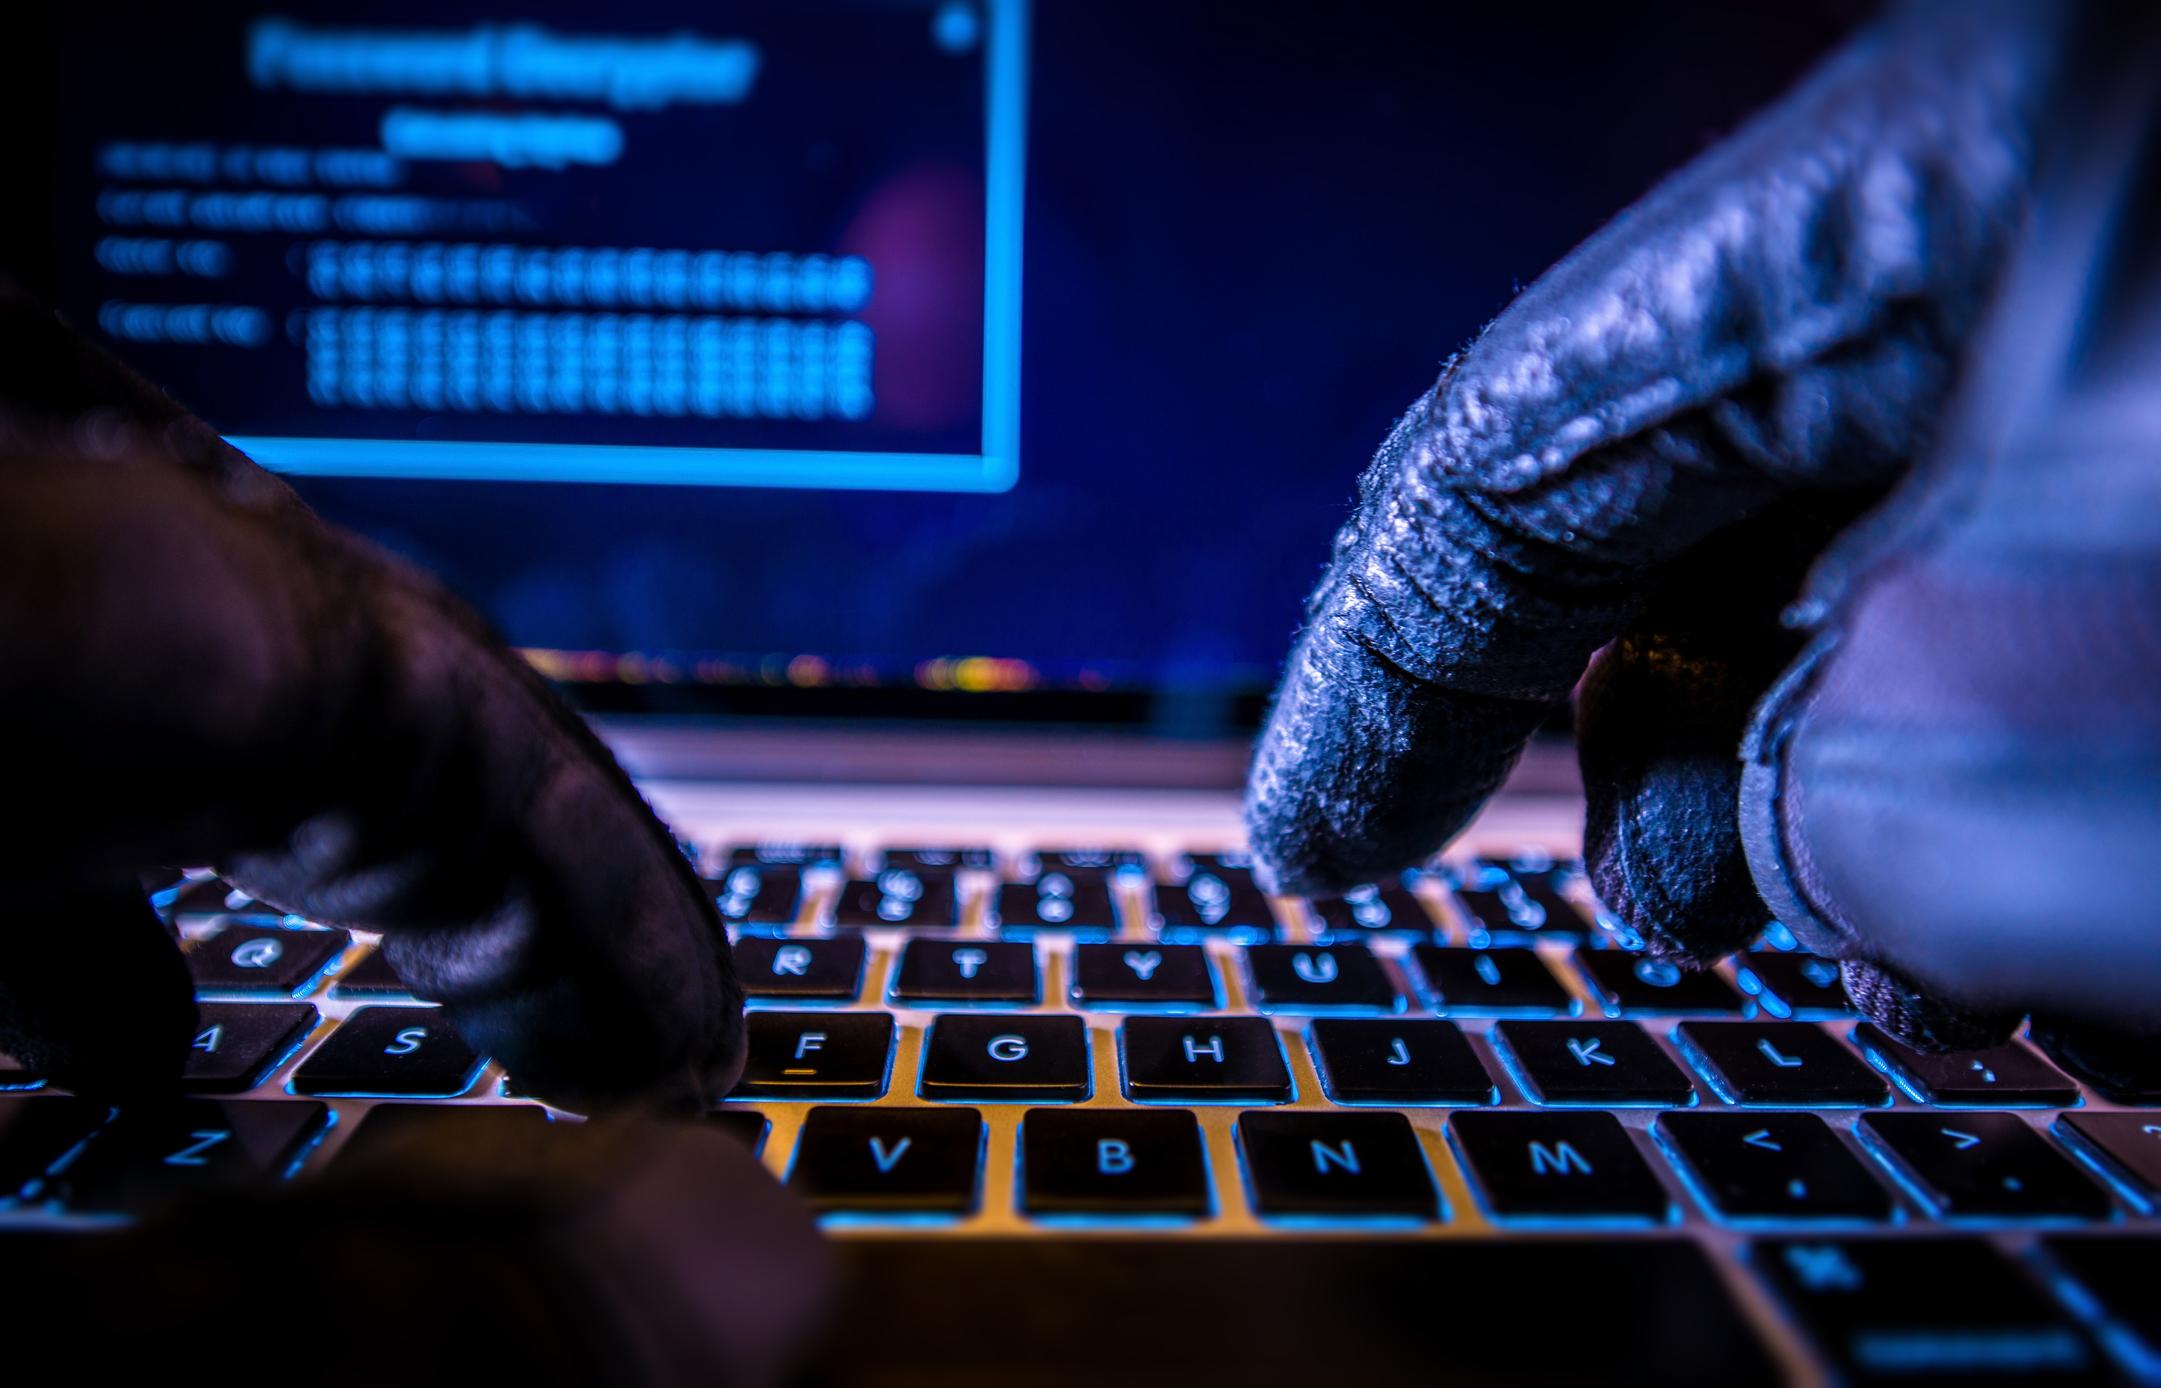 Hackers misteriosos de Robin Hood donan dinero robado a centros de ayuda infantil y demás causas benéficas